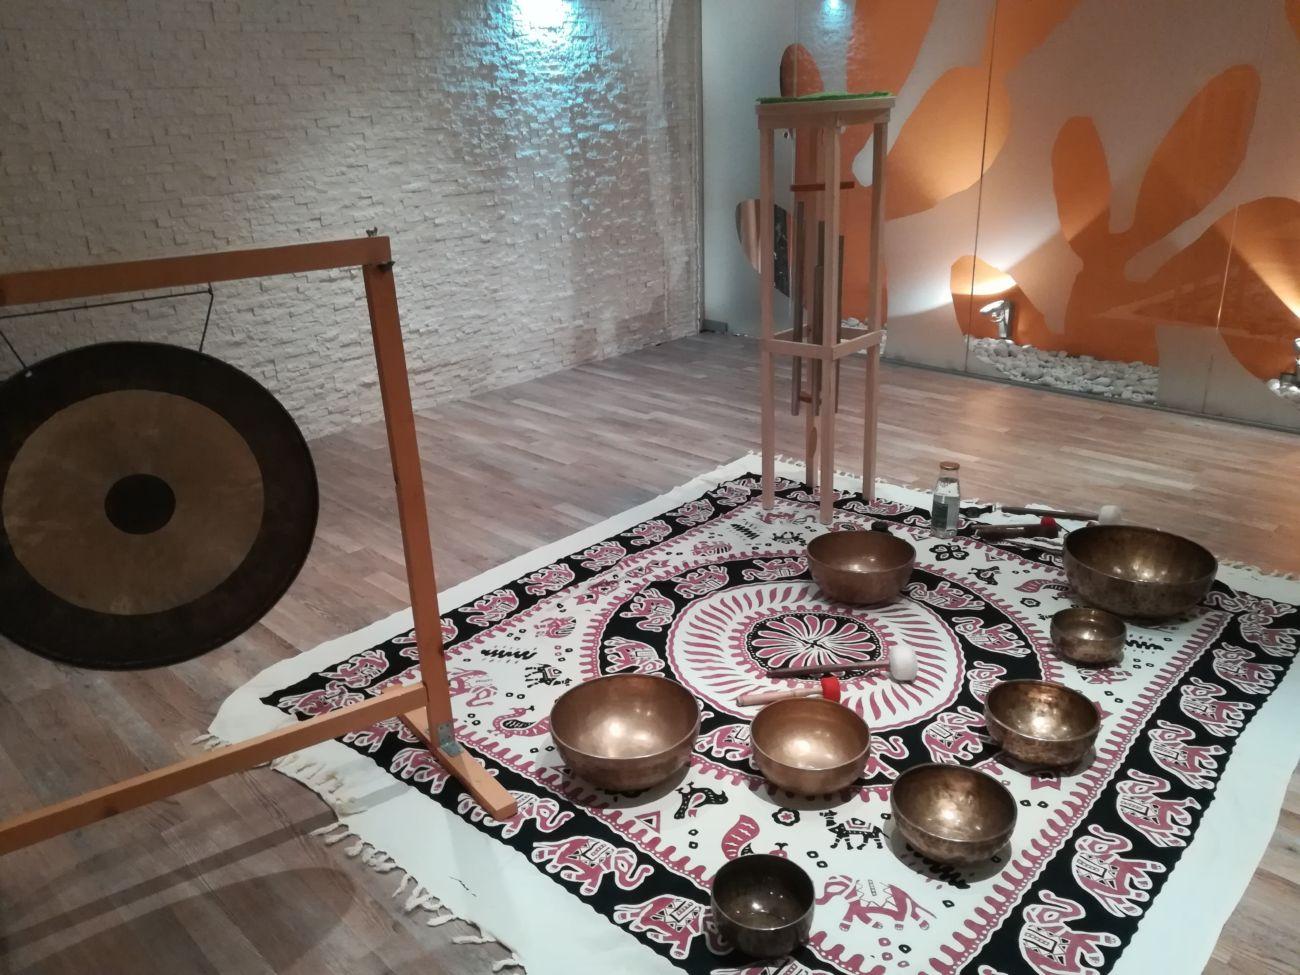 Zvočna kopel s tibetanskimi posodicami in gongom (petek, 15.2.)